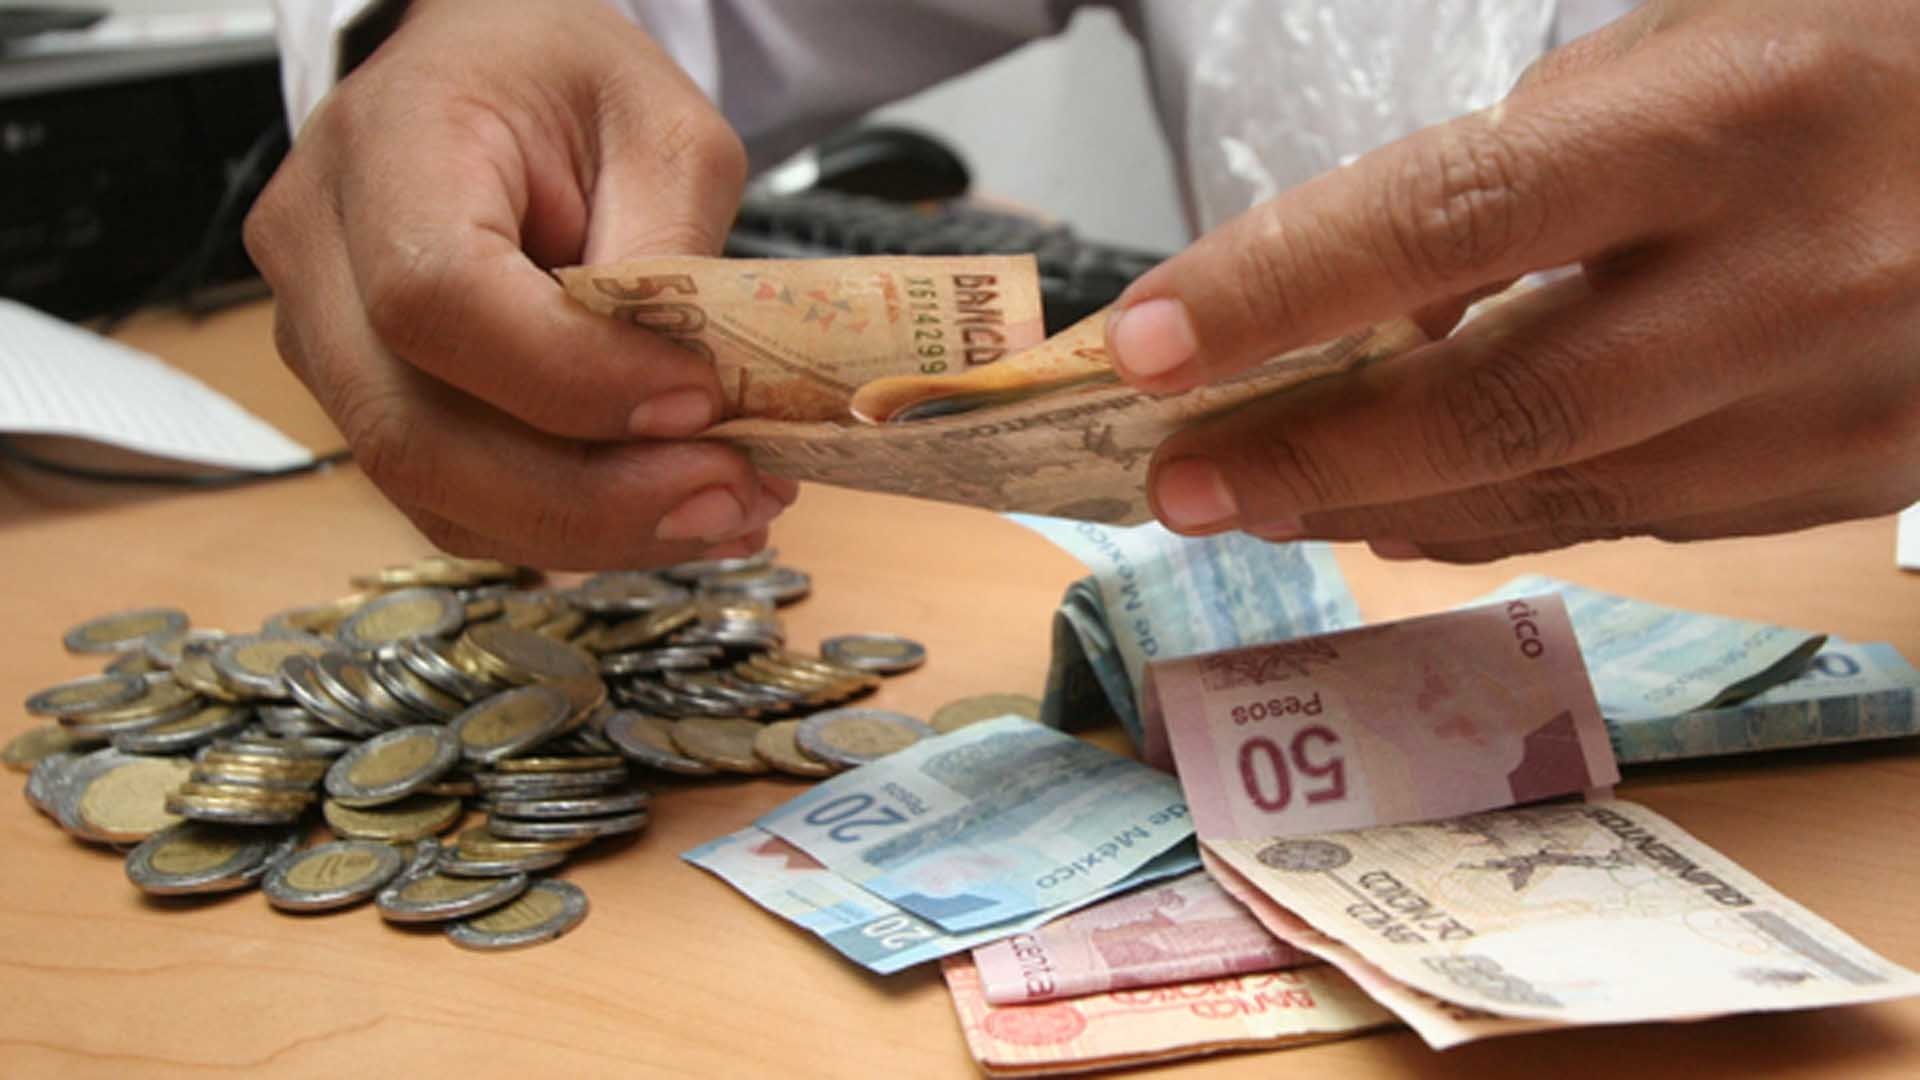 Salario mínimo será de 102.68 pesos y crean uno nuevo para la frontera norte